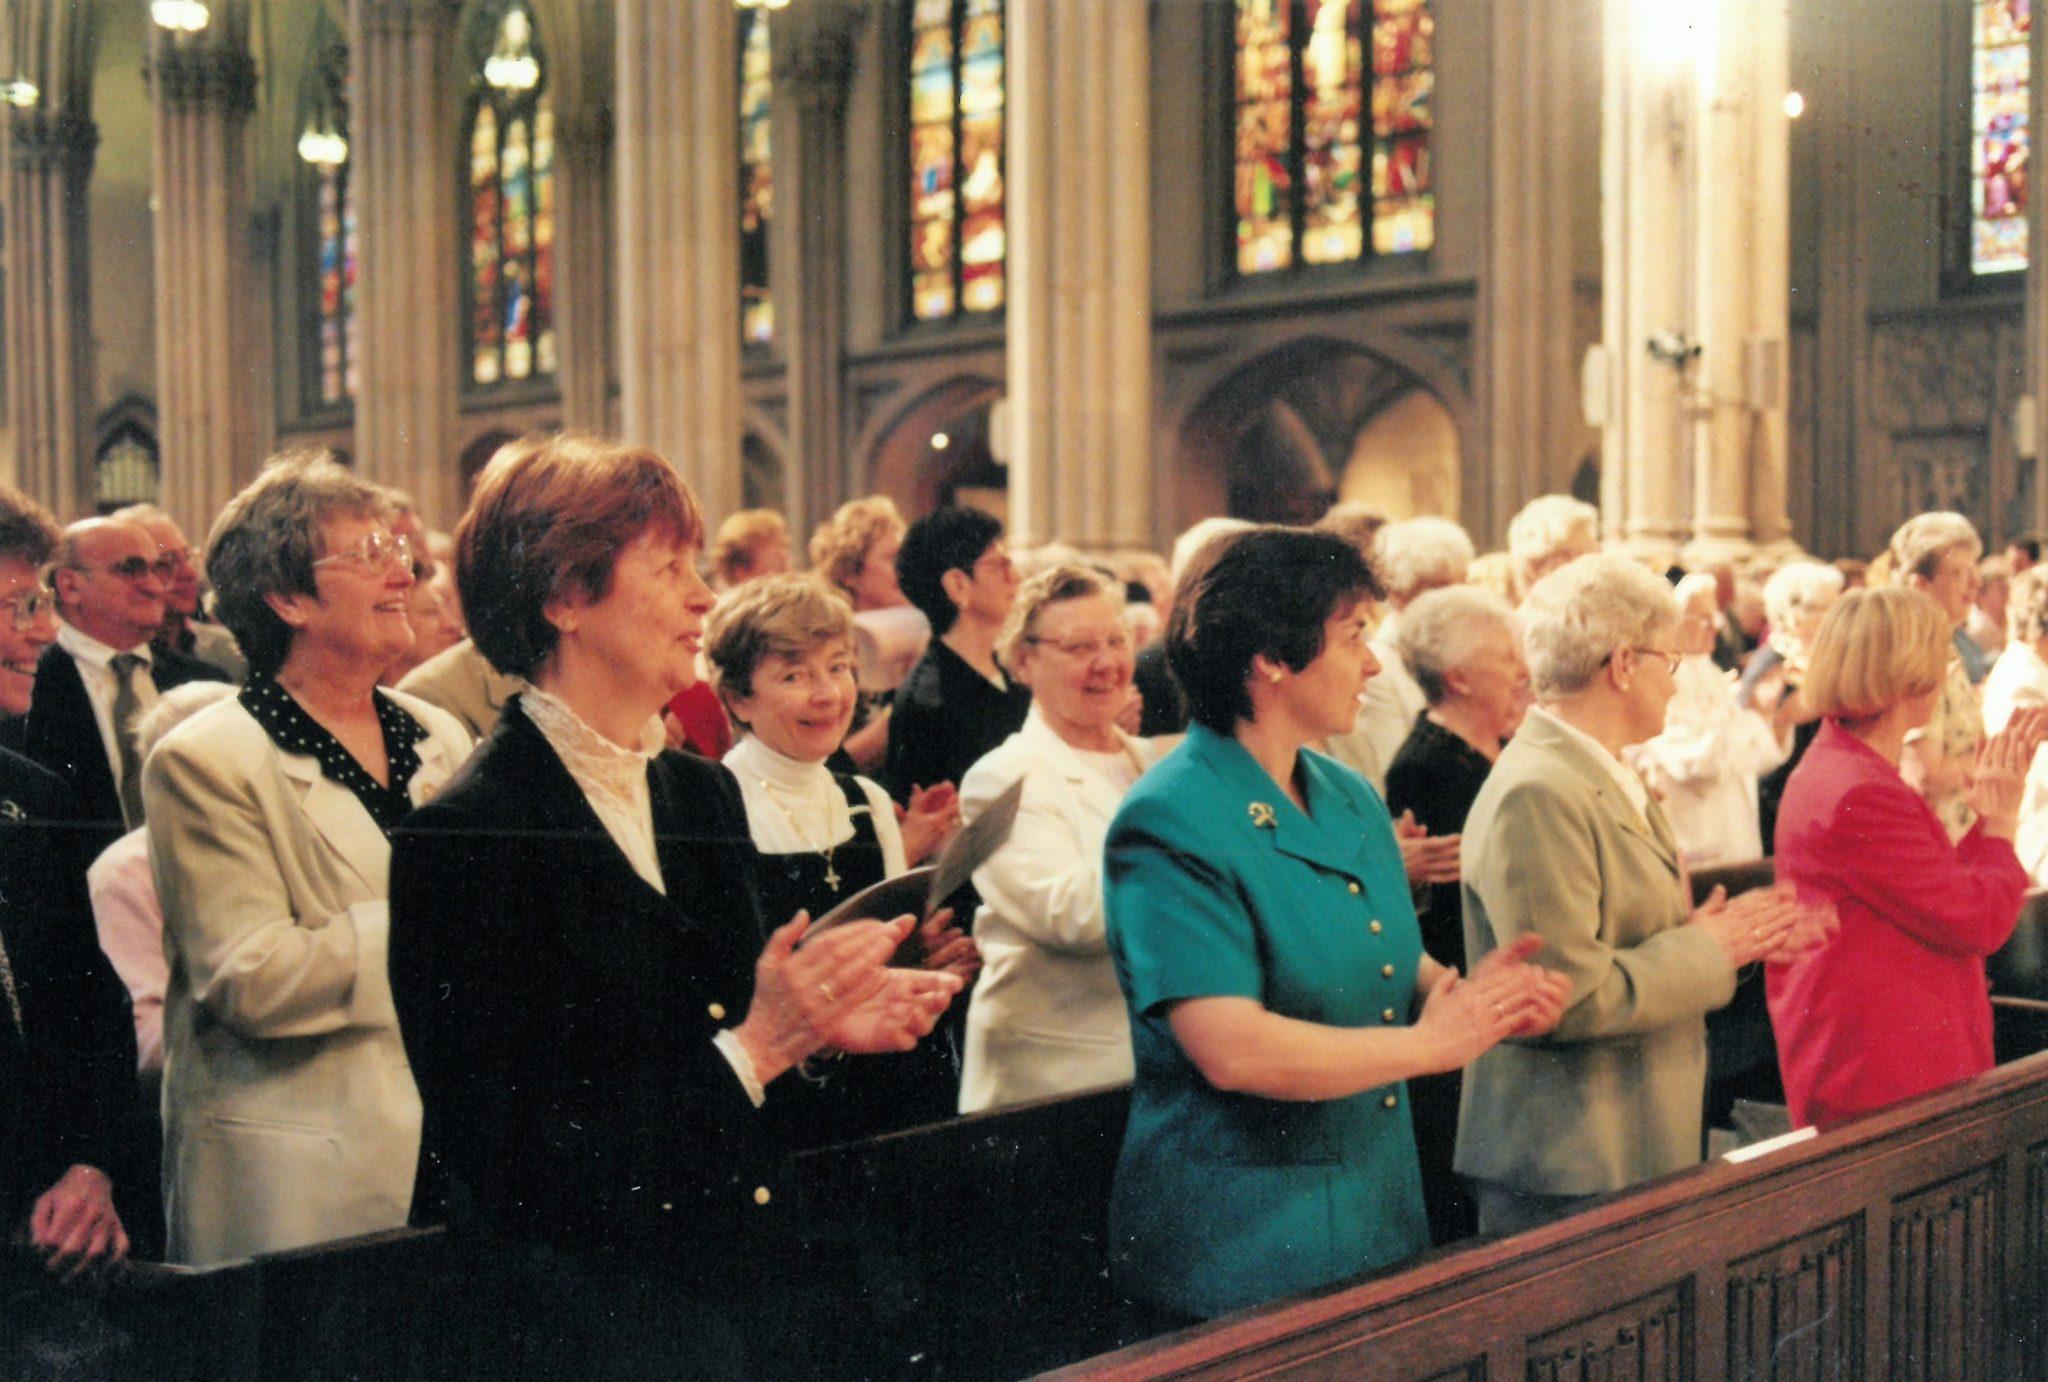 2001 – Congregation Celebrates 125th Anniversary